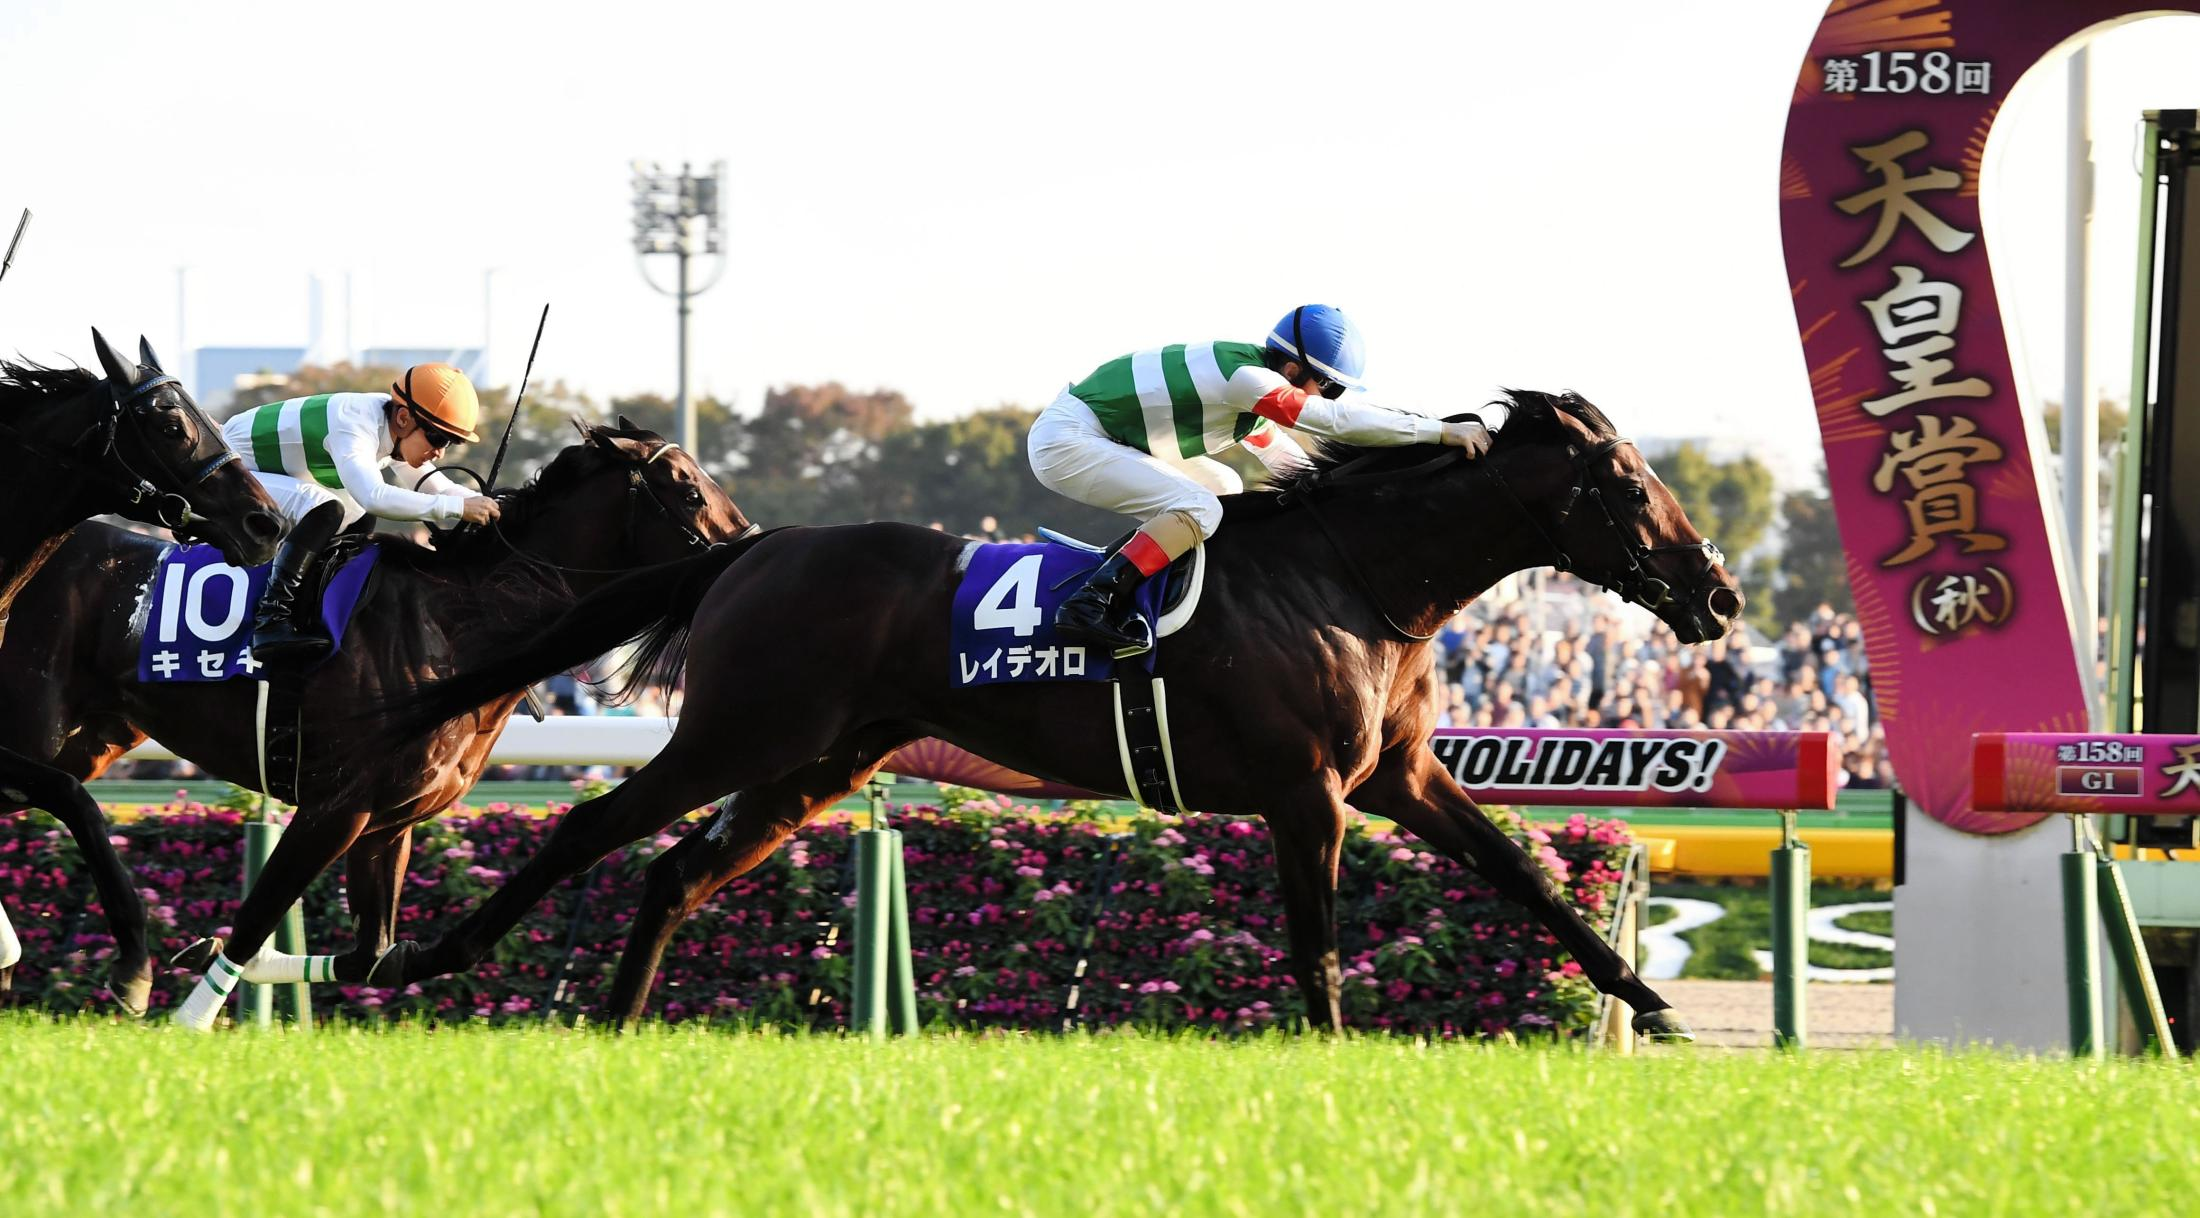 天皇賞(秋)を制したレイデオロの次戦が有馬記念に決まった